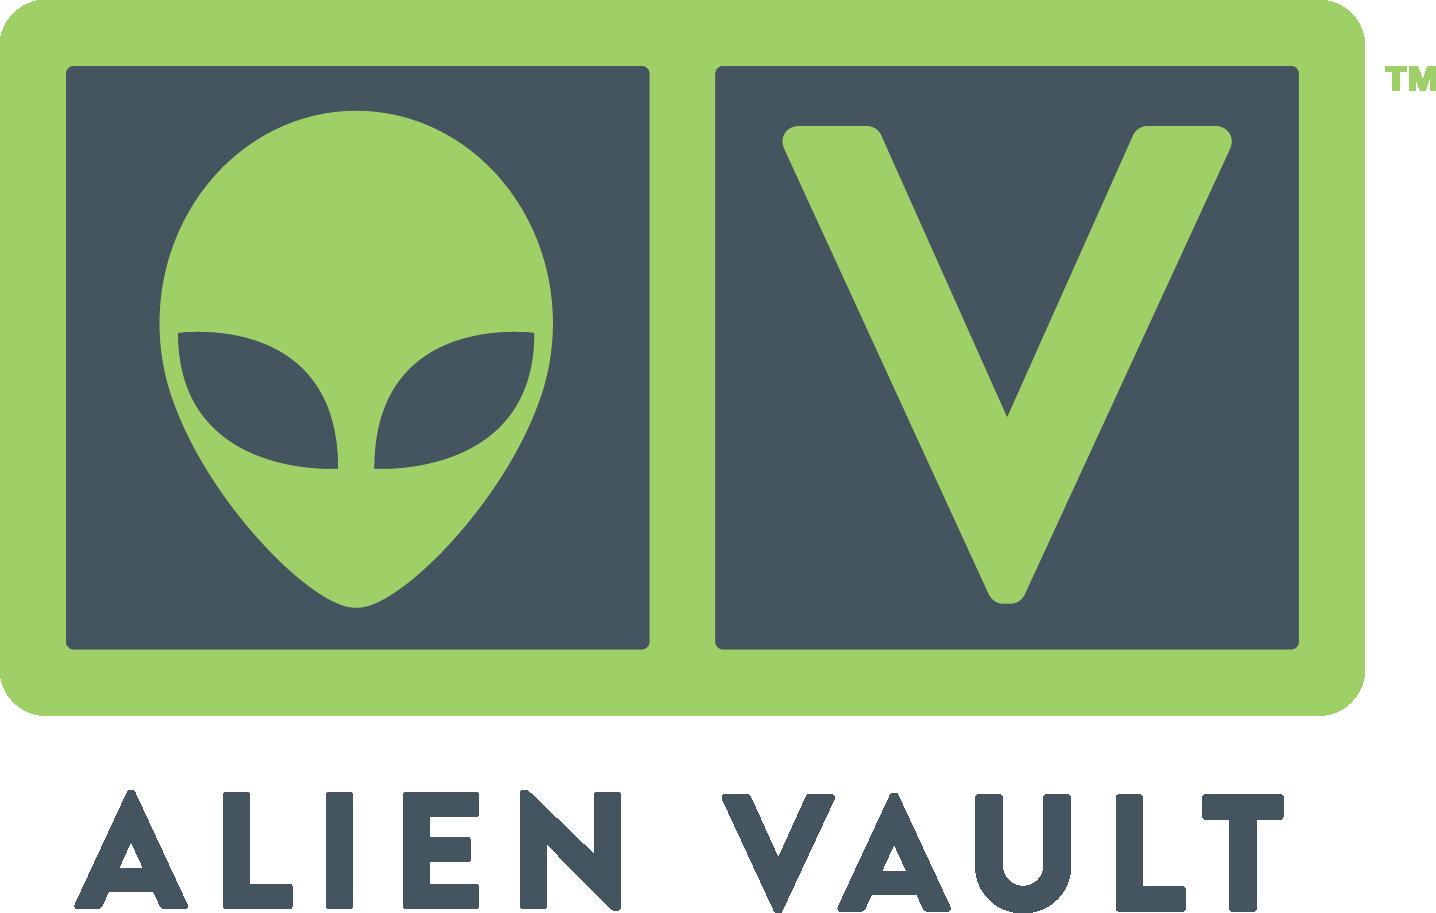 alienvault-logo.png